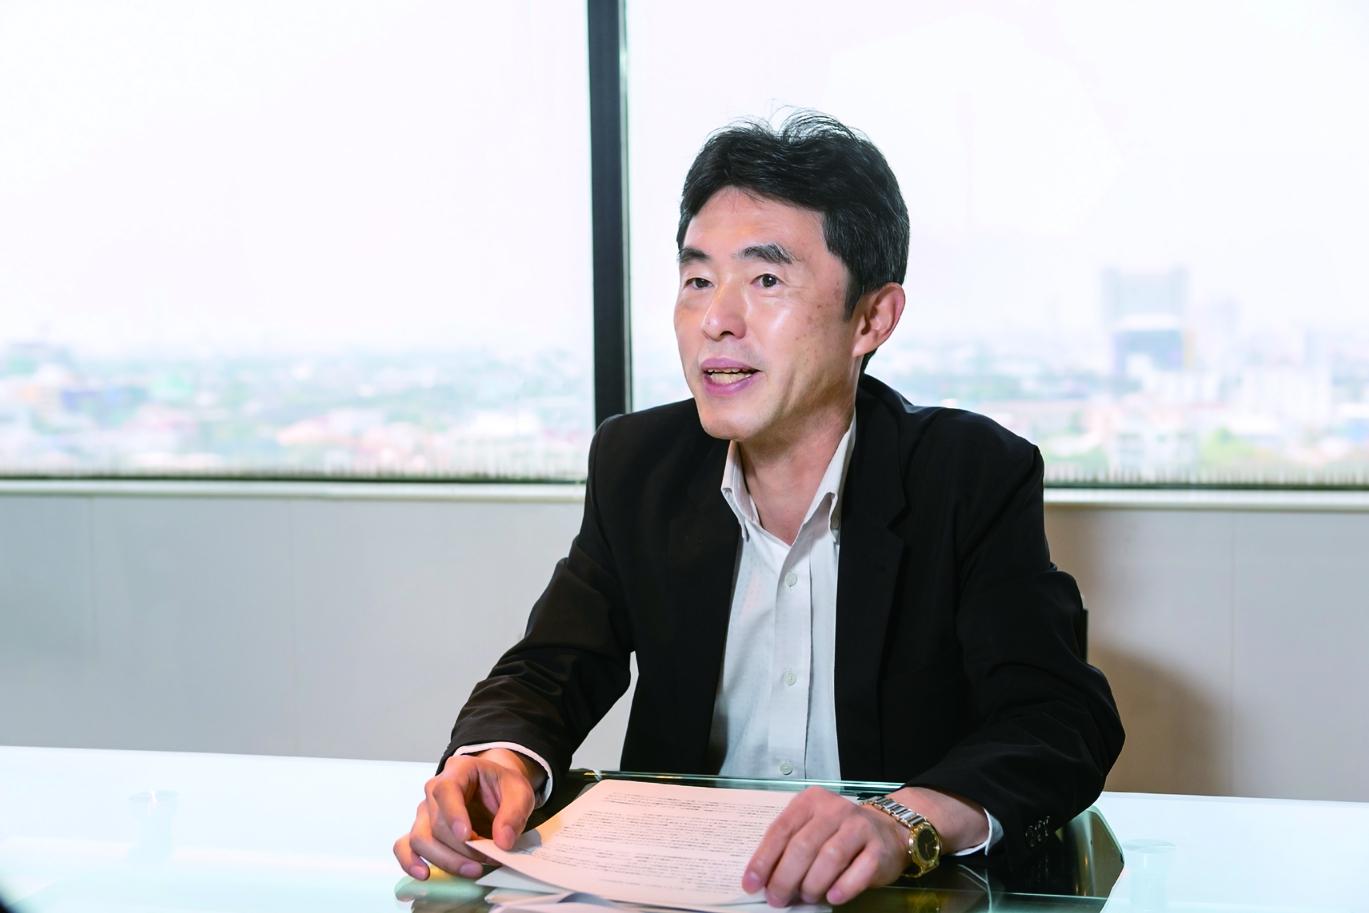 セールス・マーケティング部門の現場を束ねる芦田耕一副社長。「これまでにタイの大手商業施設や商業銀行の方々にも弊社製品をご利用頂いておりますが、まだまだ認知は足りていないと感じています。より多くの方々にもっと知って、使ってもらえるよう、まずは弊社のサービスを周知していきたいです」